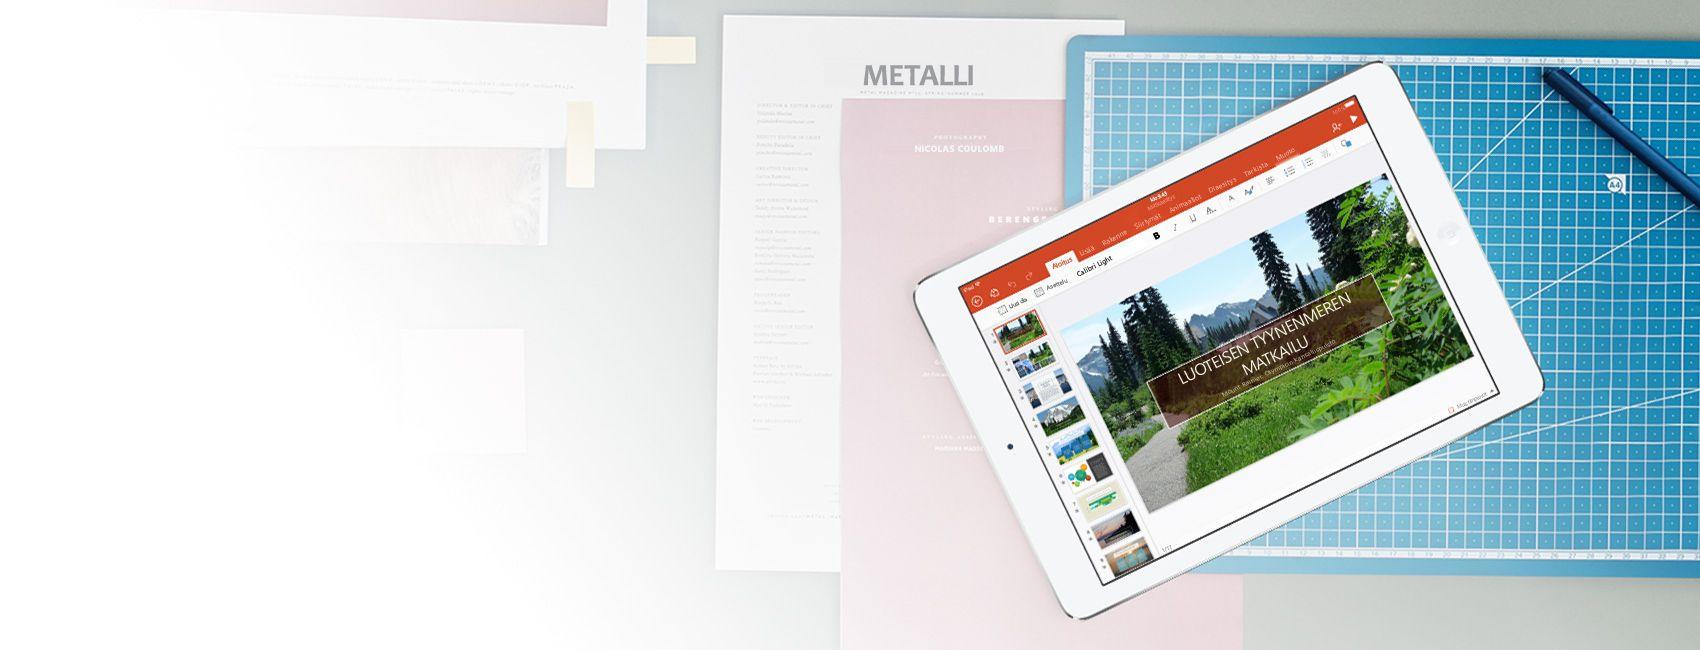 iPad, jossa näkyy Pacific Northwest Travelsia käsittelevä PowerPoint-esitys